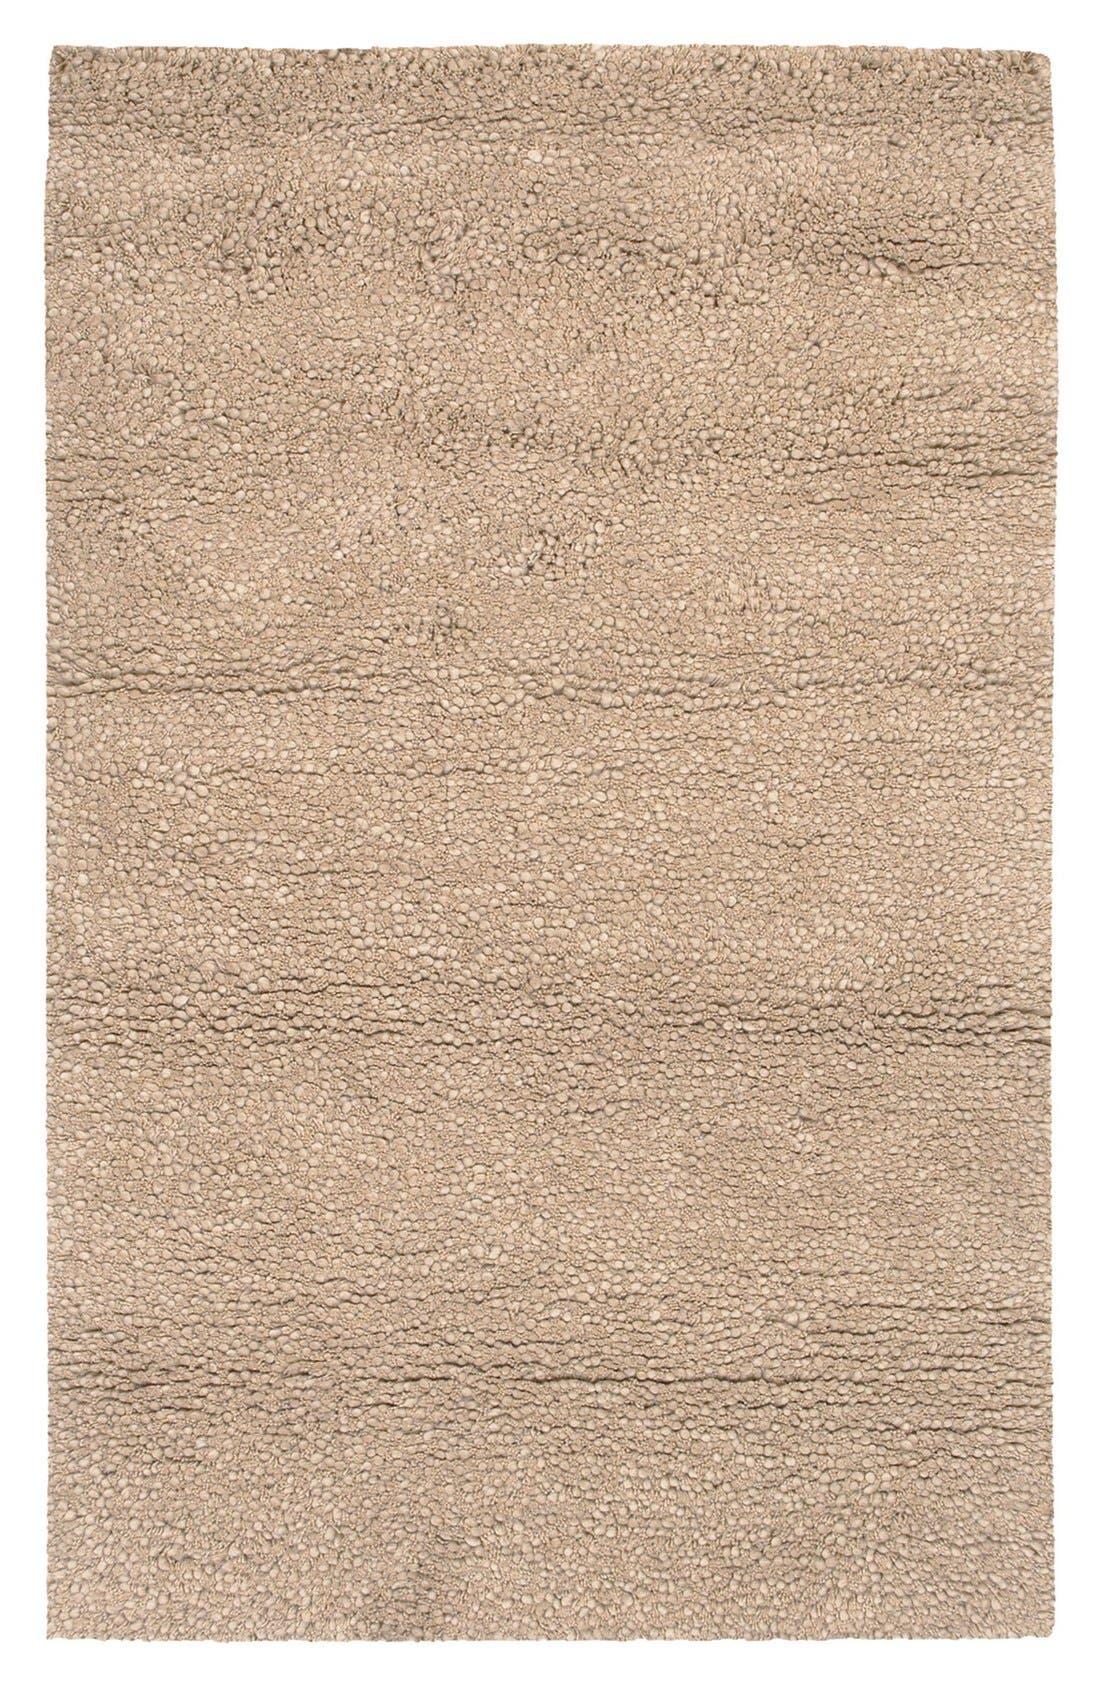 Alternate Image 1 Selected - Surya Home 'Metropolitan' Wool Rug